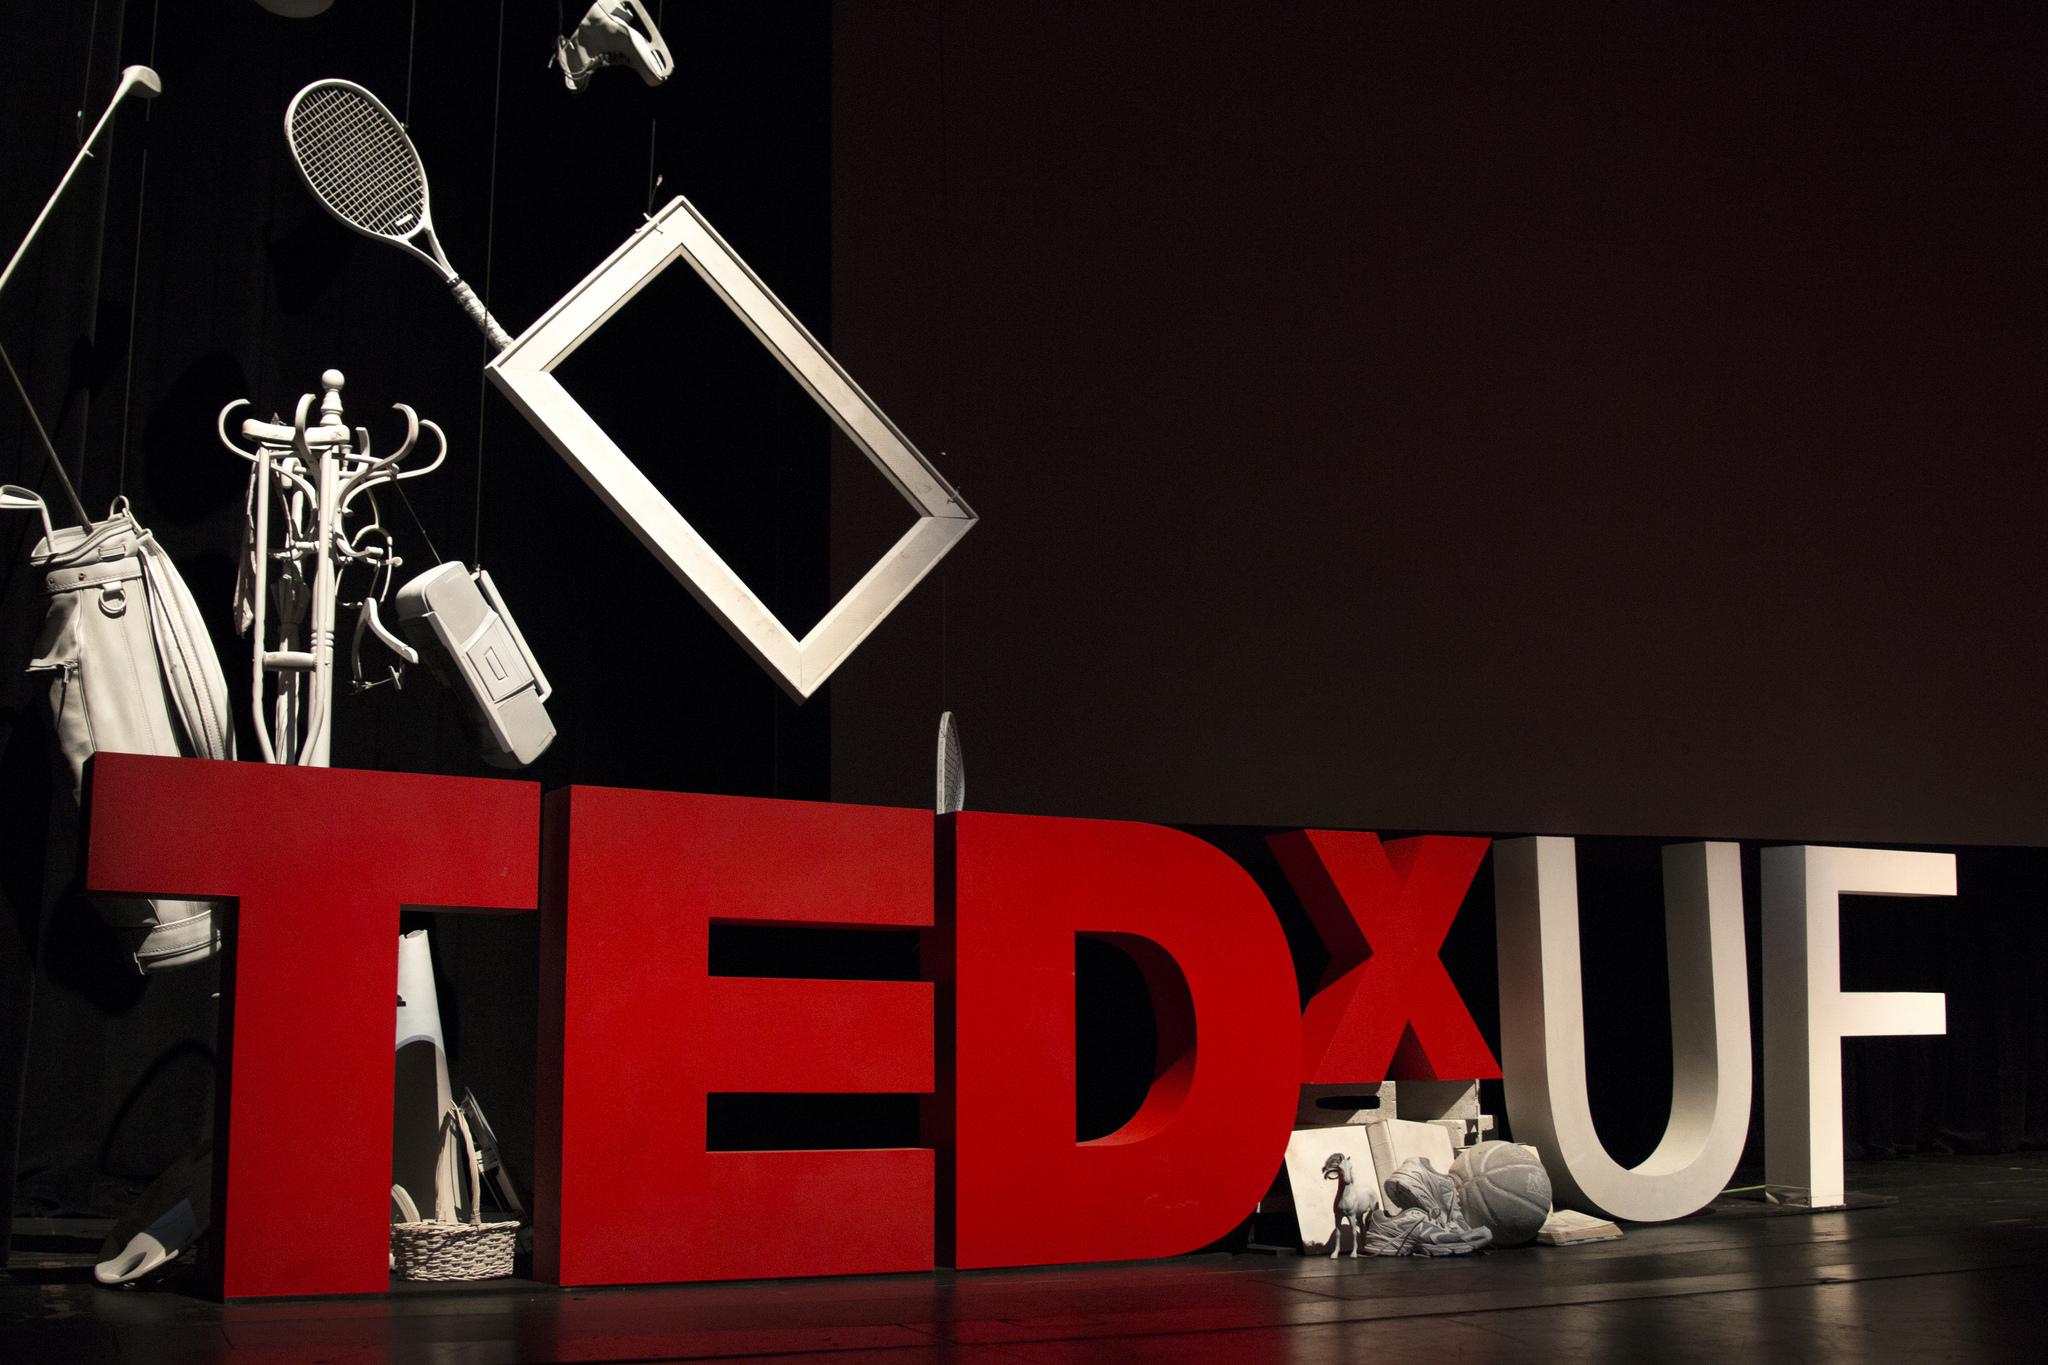 TEDxUF 2016